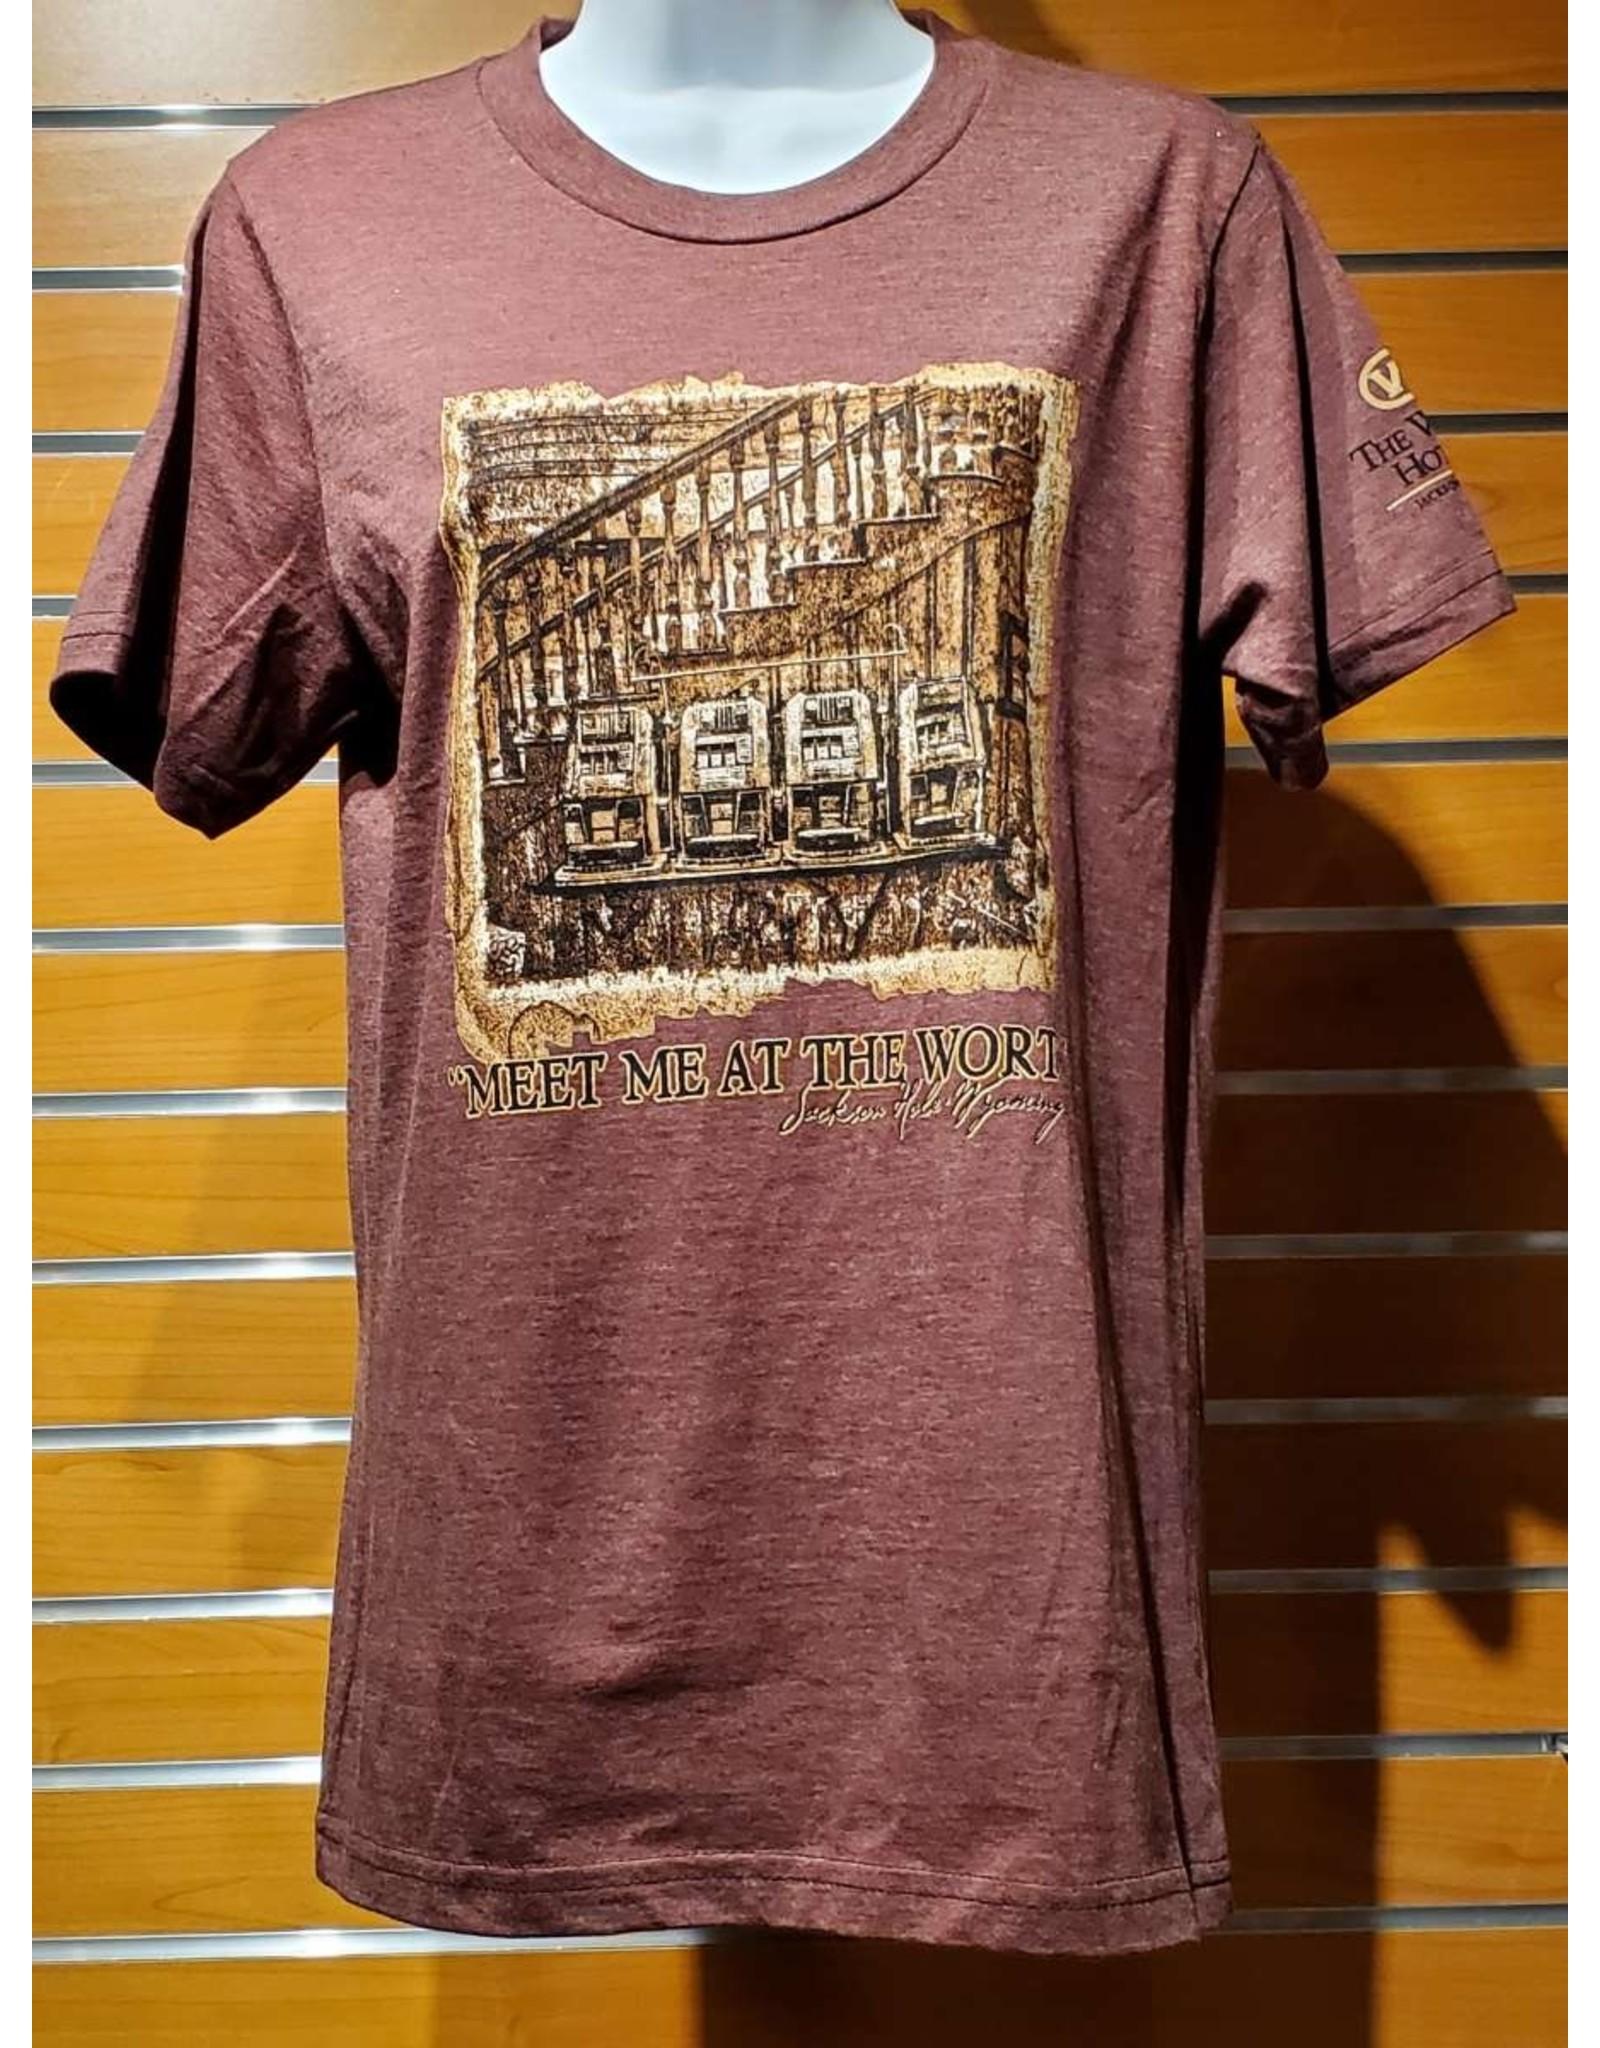 The Wort Hotel Slot Machine T-Shirt